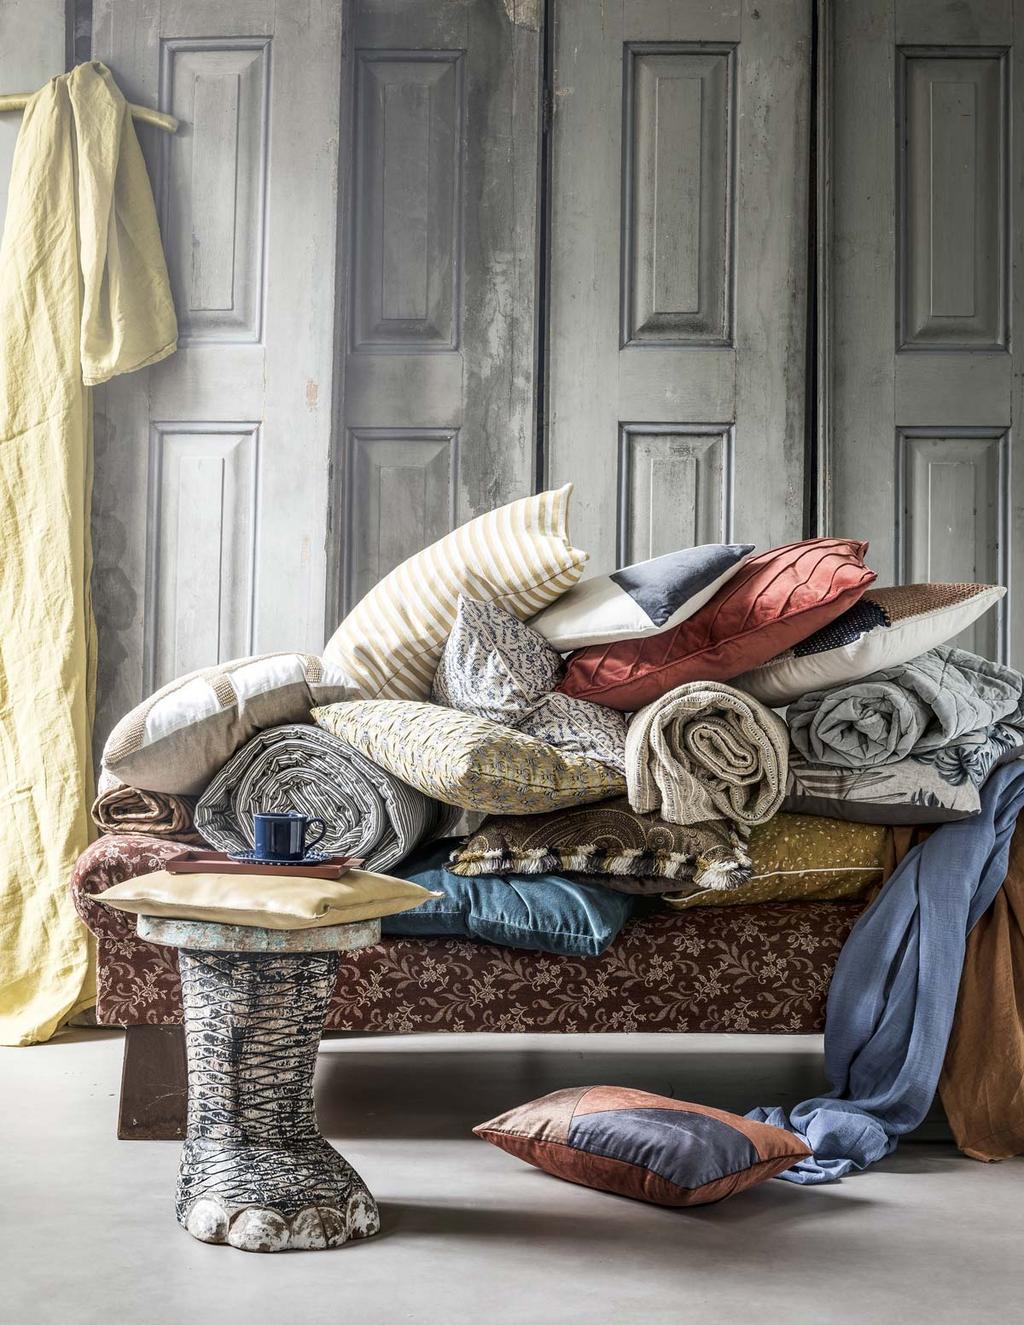 In de styling wonen met lef breng je natuurlijke kleuren in huis met kussens, plaids en kleden in herfst tinten.